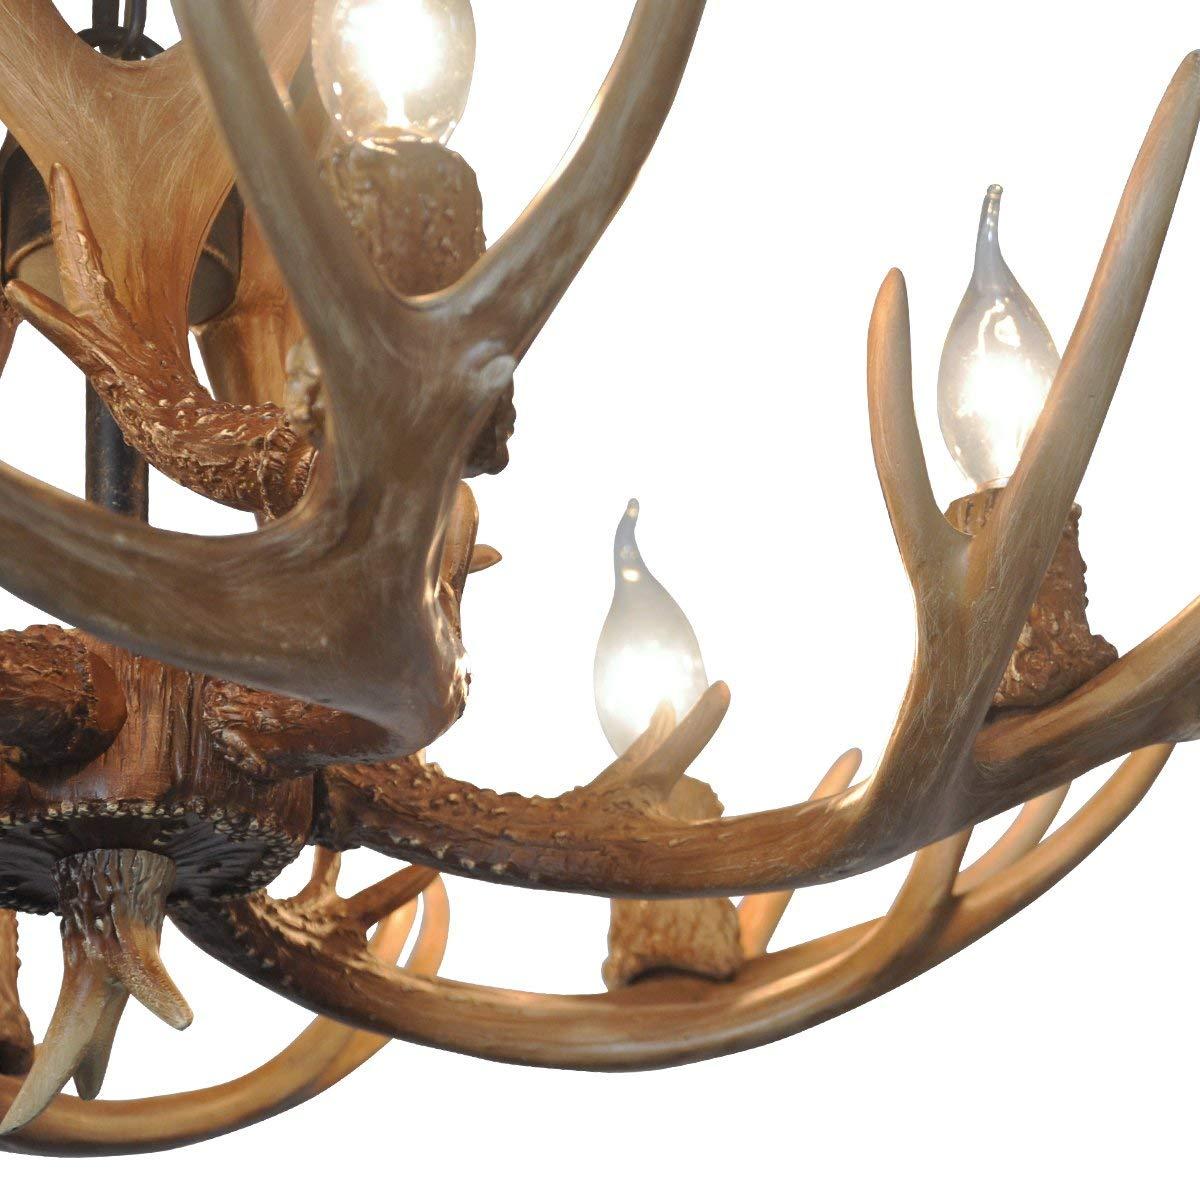 Deer Horn E12 Bulb 6-Light Iron Resin Industrial Retro Droplight Pendant lamp Ceiling lamp Ceiling Light Chandelier Lighting Fixture for Restaurant Balcony Bedroom (Upgraded Version)